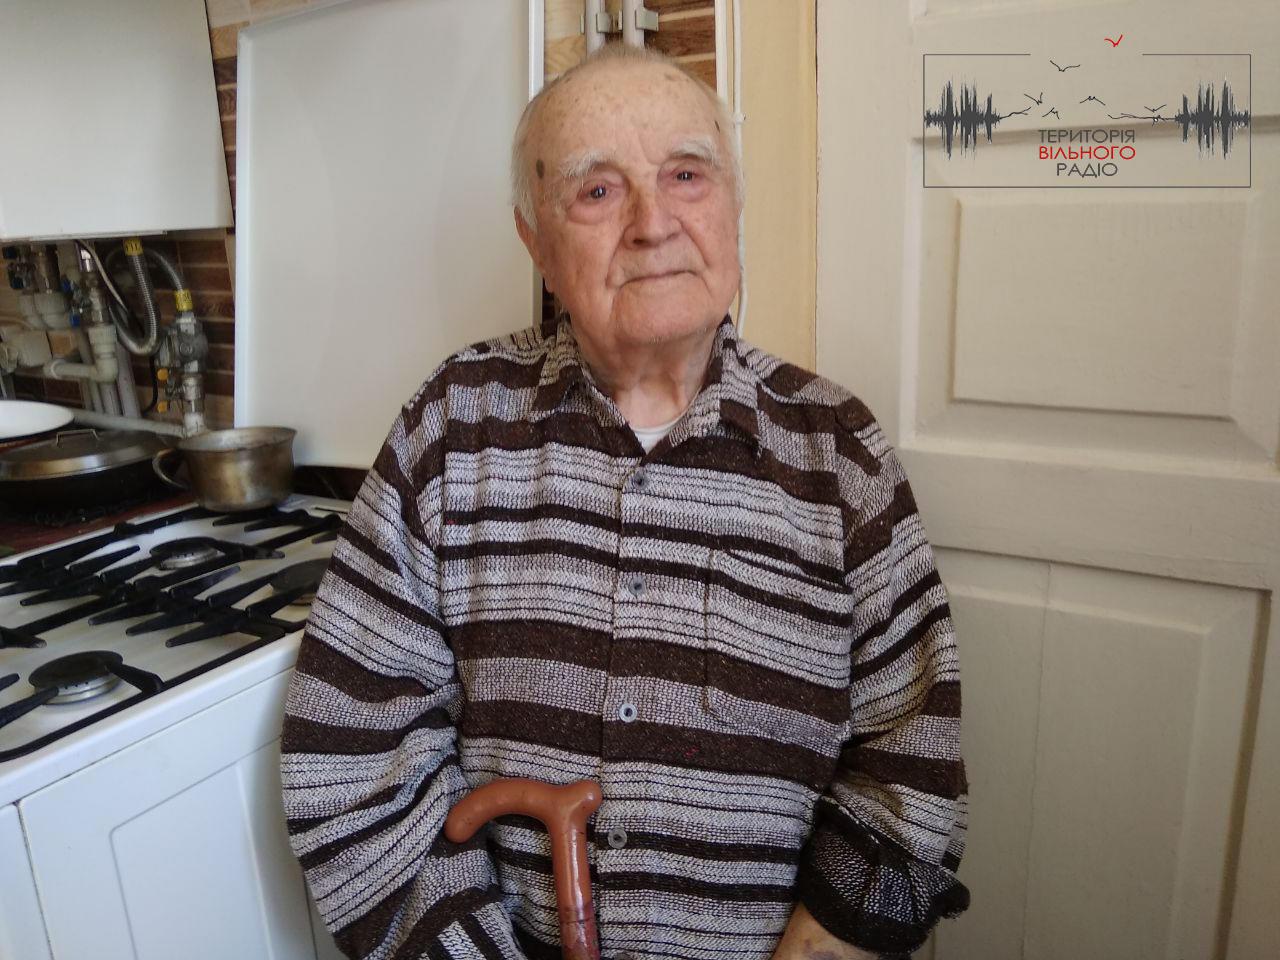 Друга світова війна для Донеччини: спогади ветерана з Бахмута та висновки історика